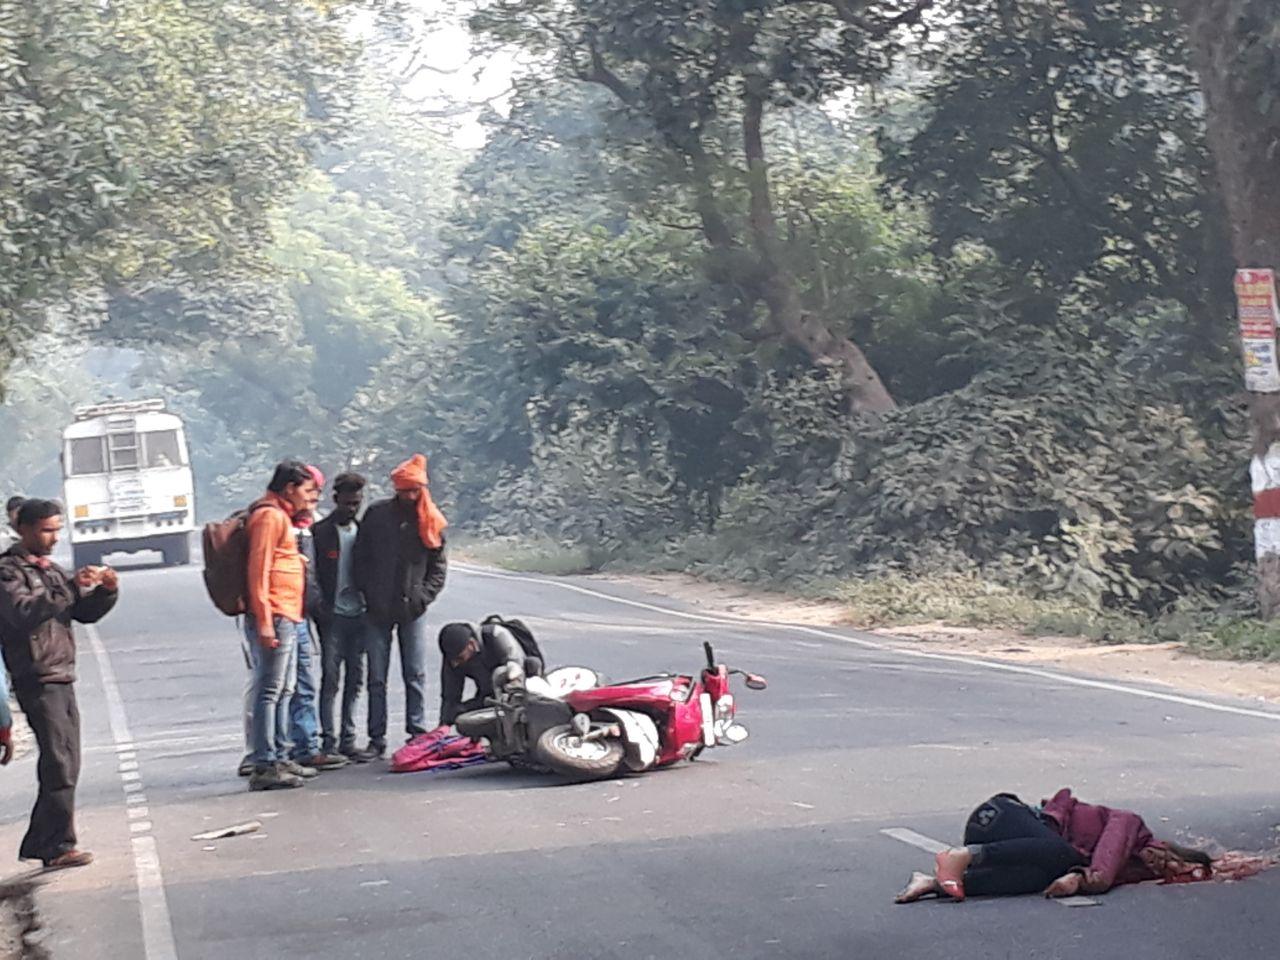 लखीमपुर खीरी . युवती की सड़क दुर्घटना में मौत